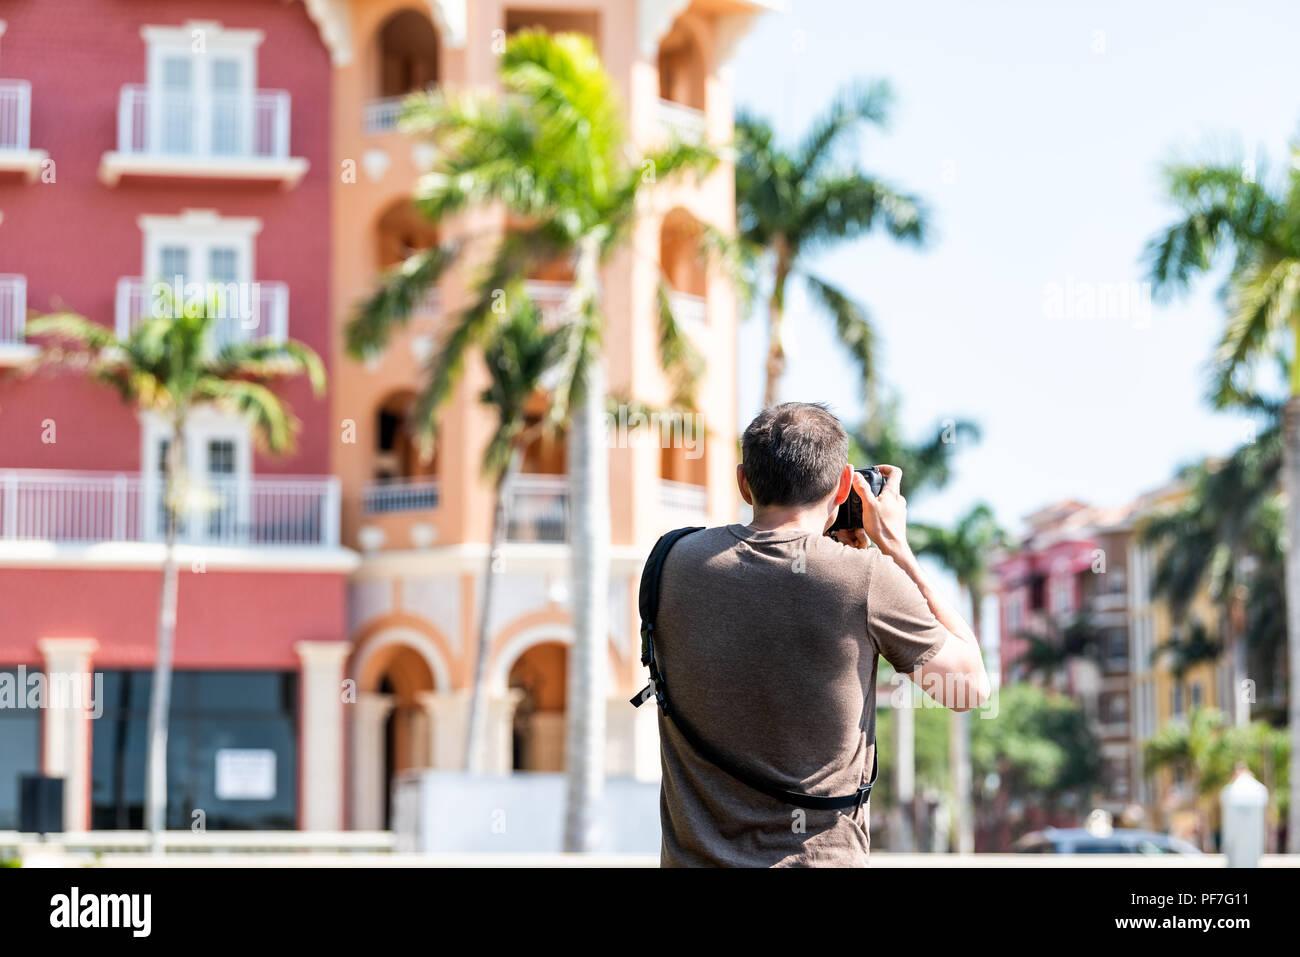 Nahaufnahme des jungen Mannes, Fotograf, Fotografieren, die Bilder von Bunte bunte Gebäude in Florida oder Spanien während sonniger Tag, Eigentumswohnungen, con Stockbild